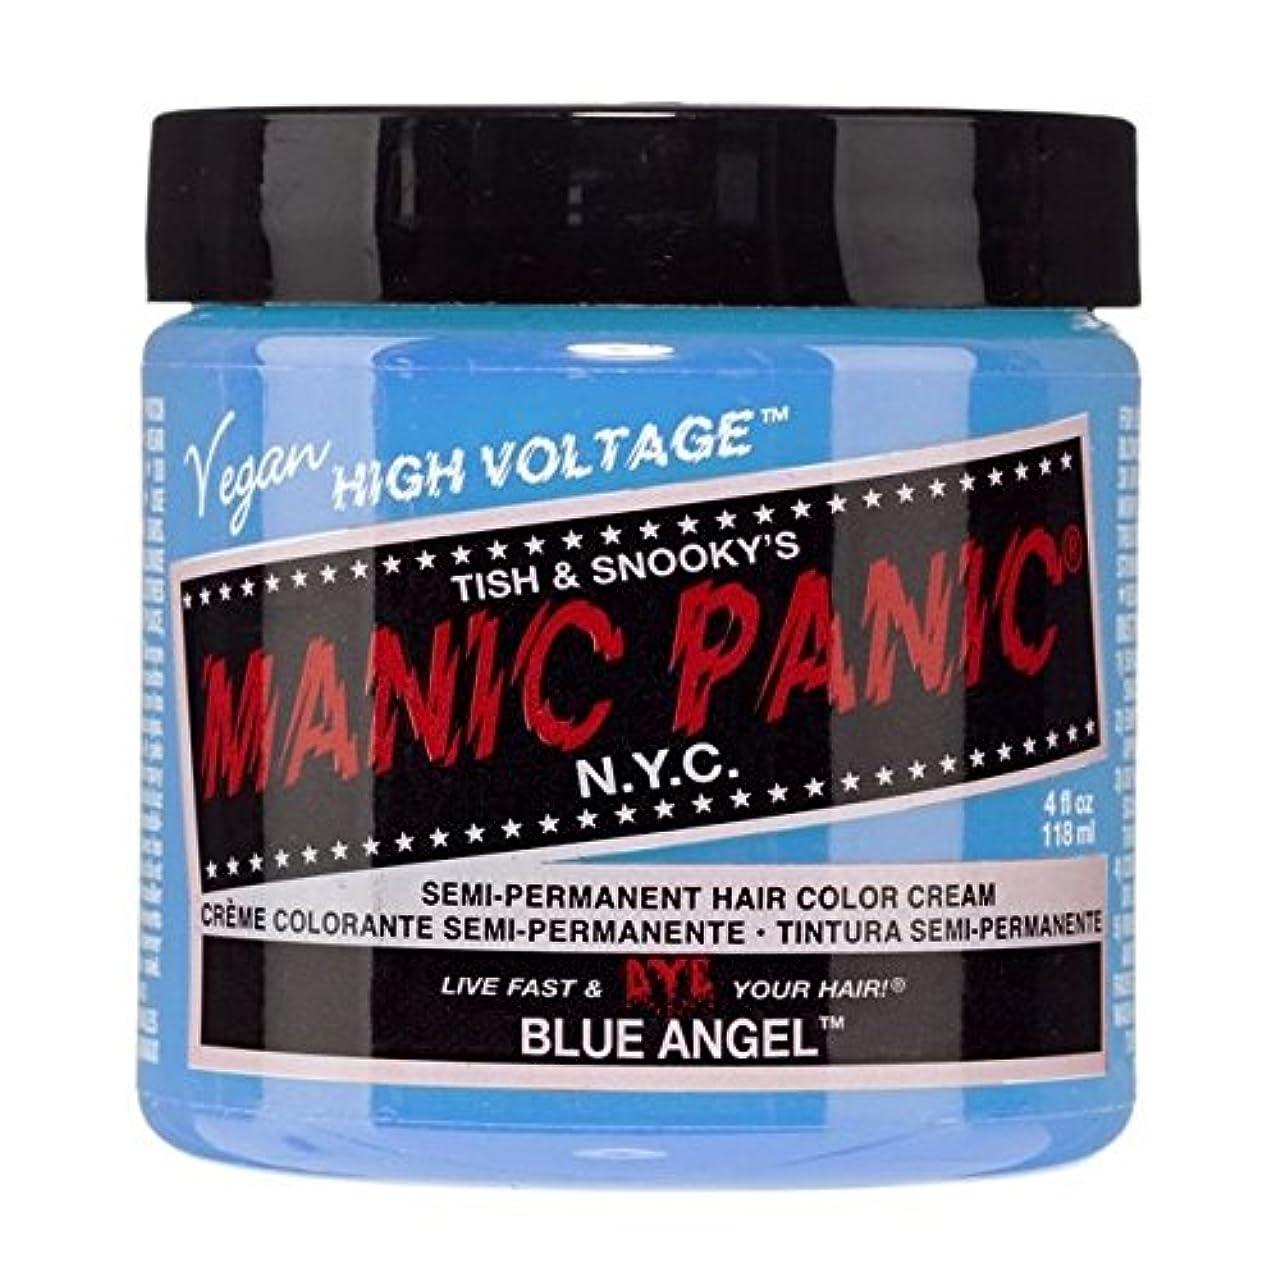 ステレオタイプリーズ車スペシャルセットMANIC PANICマニックパニック:BLUE ANGEL (ブルーエンジェル)+ヘアカラーケア4点セット